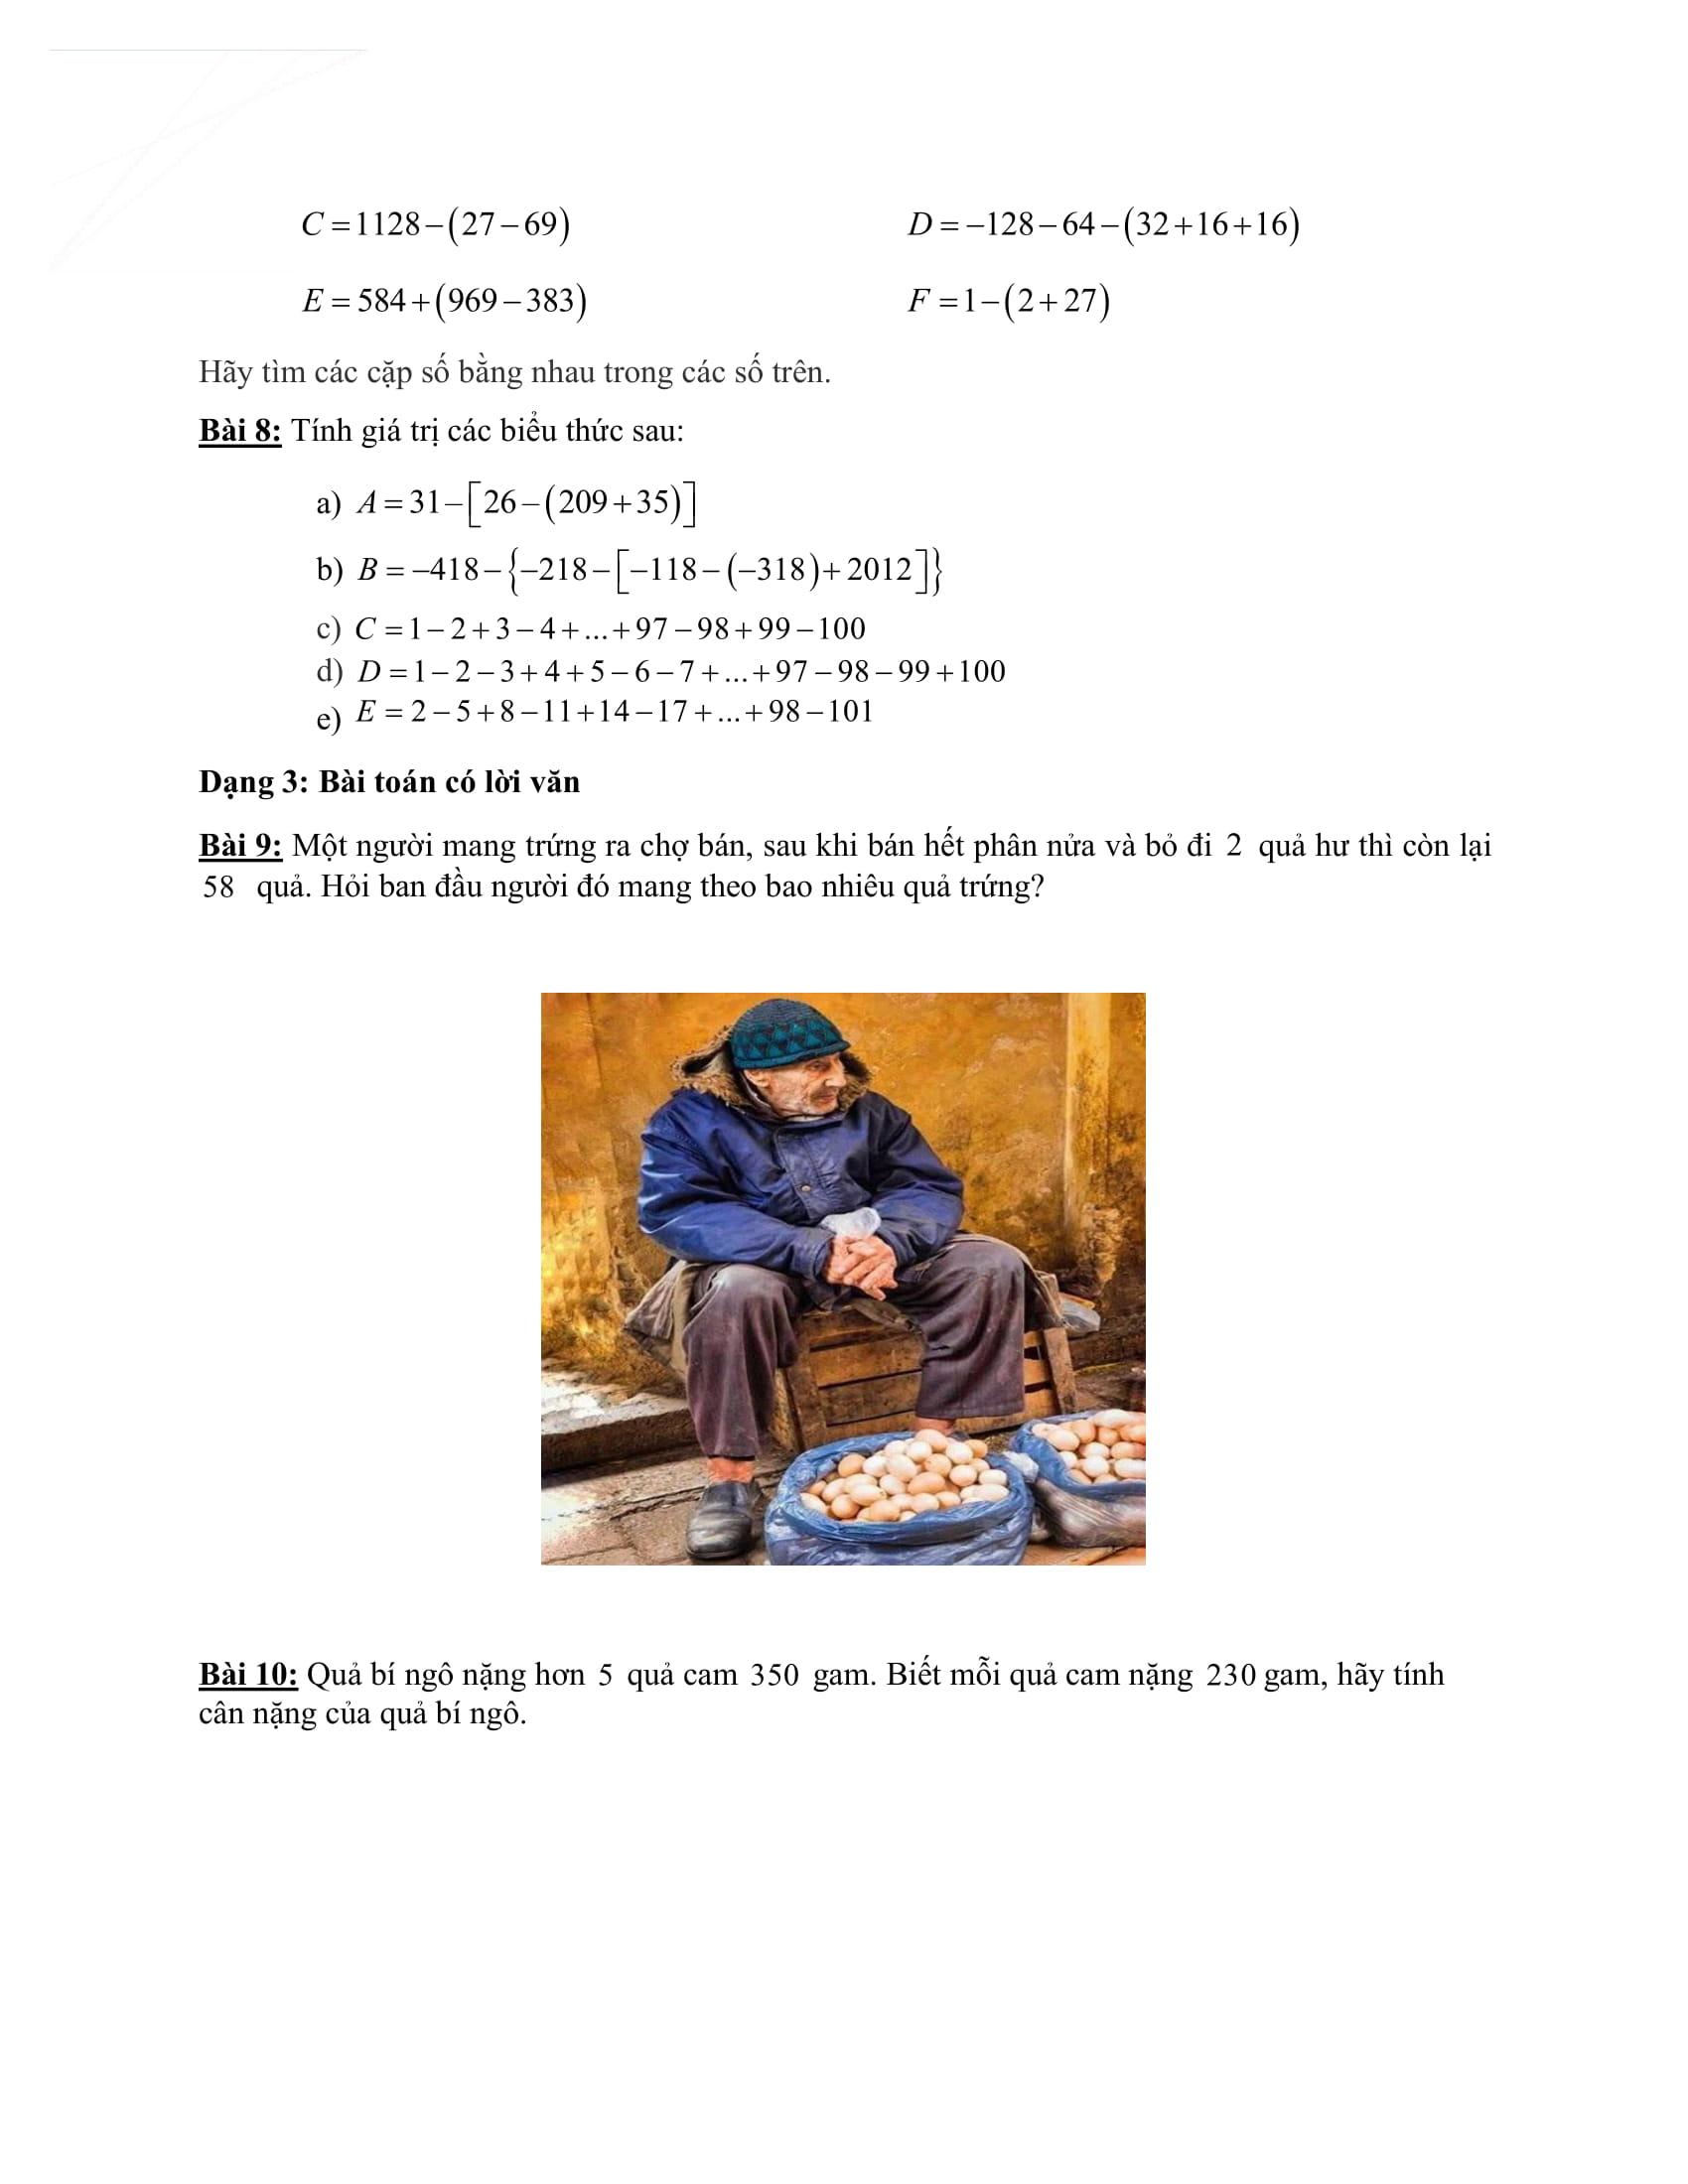 Phiếu bài tập Đại số Toán 6 HK2 tuần 10 đến tuần 17